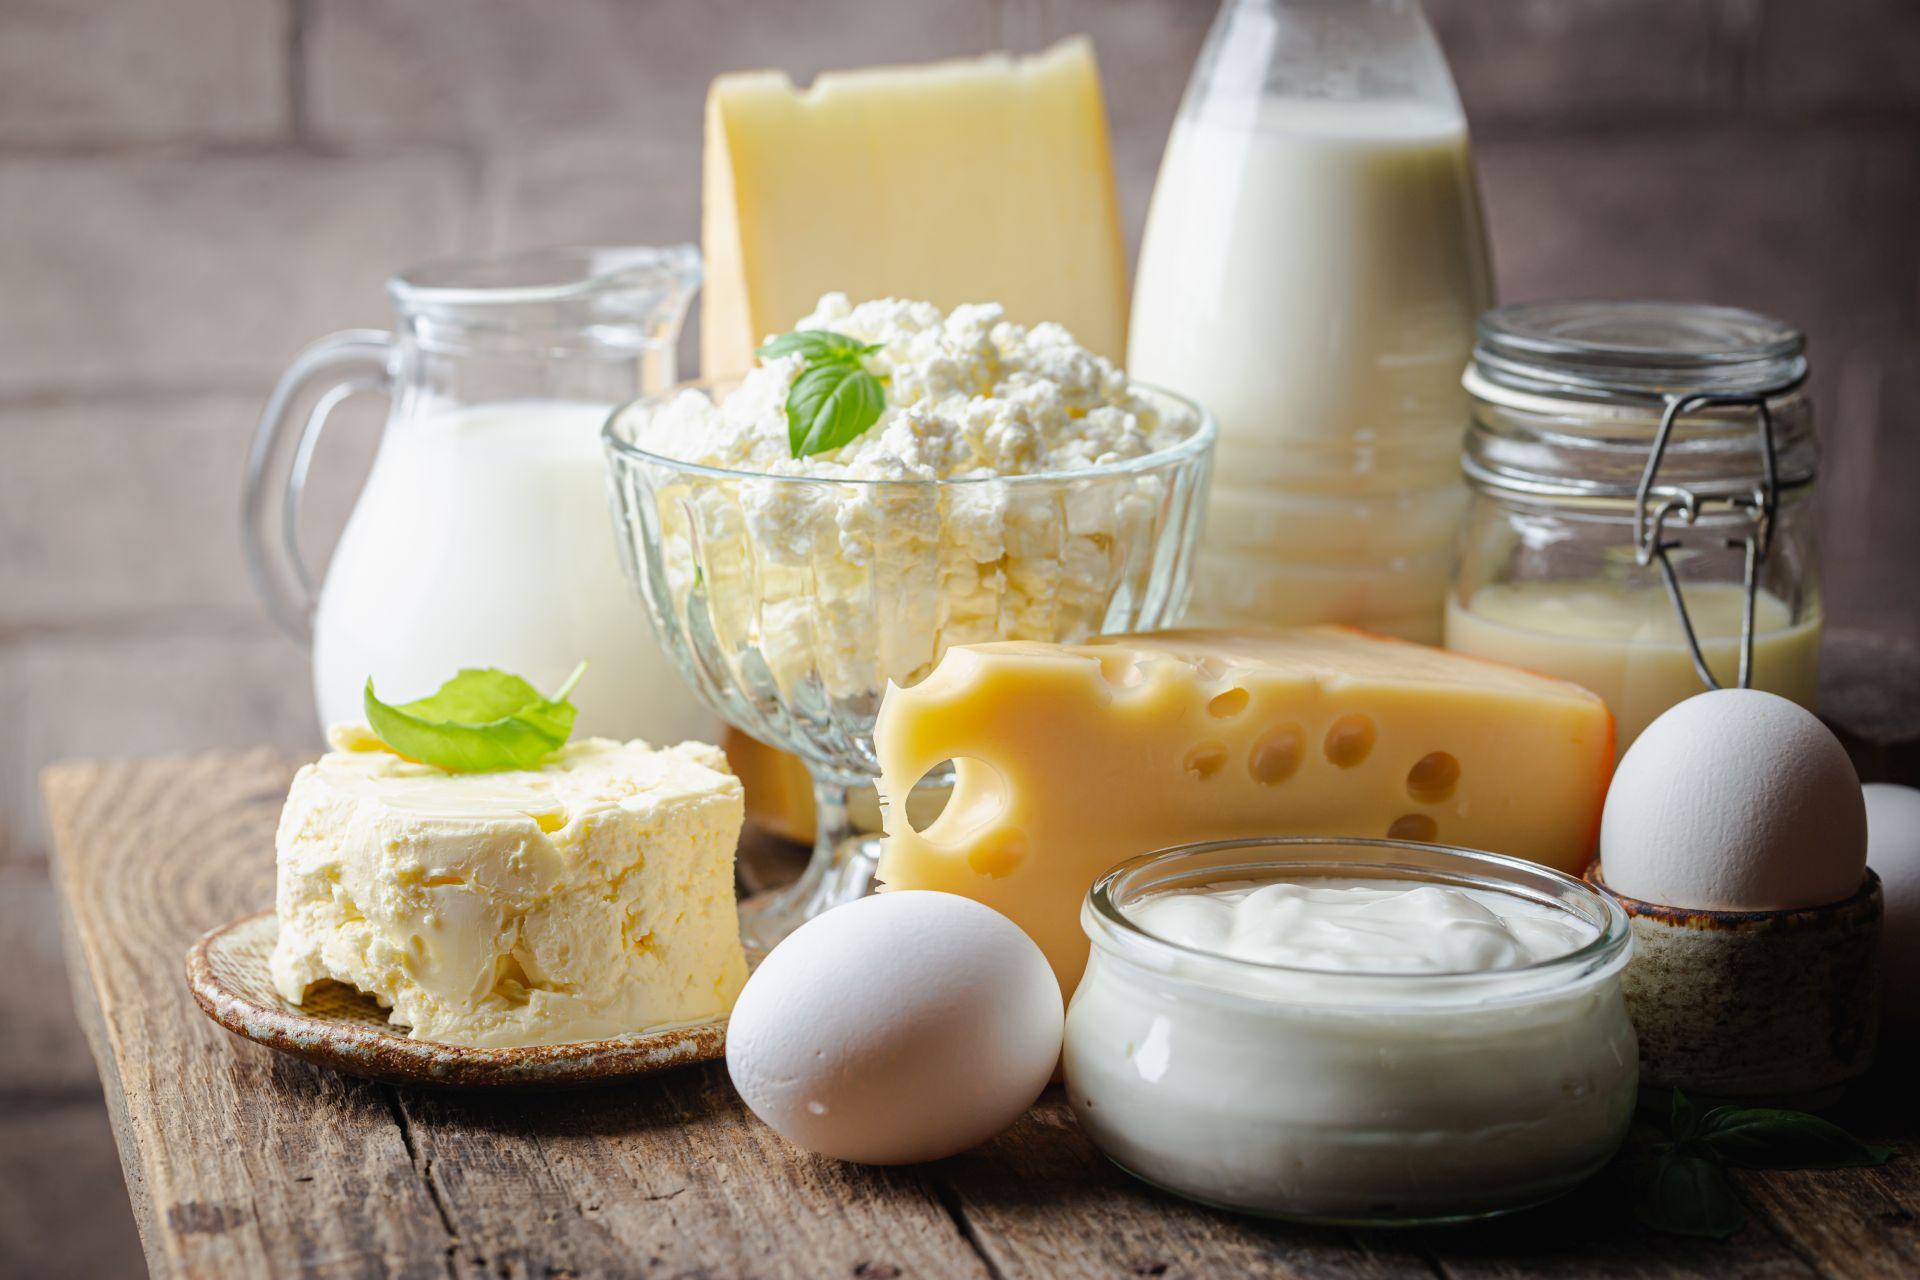 Alergia na mleko krowie i jego przetwory oraz nietolerancja laktozy to dwie różne dolegliwości - stosuj dietę bogatą w roślinne źródło wapnia i zdrowe tłuszcze, aby łagodzić objawy.